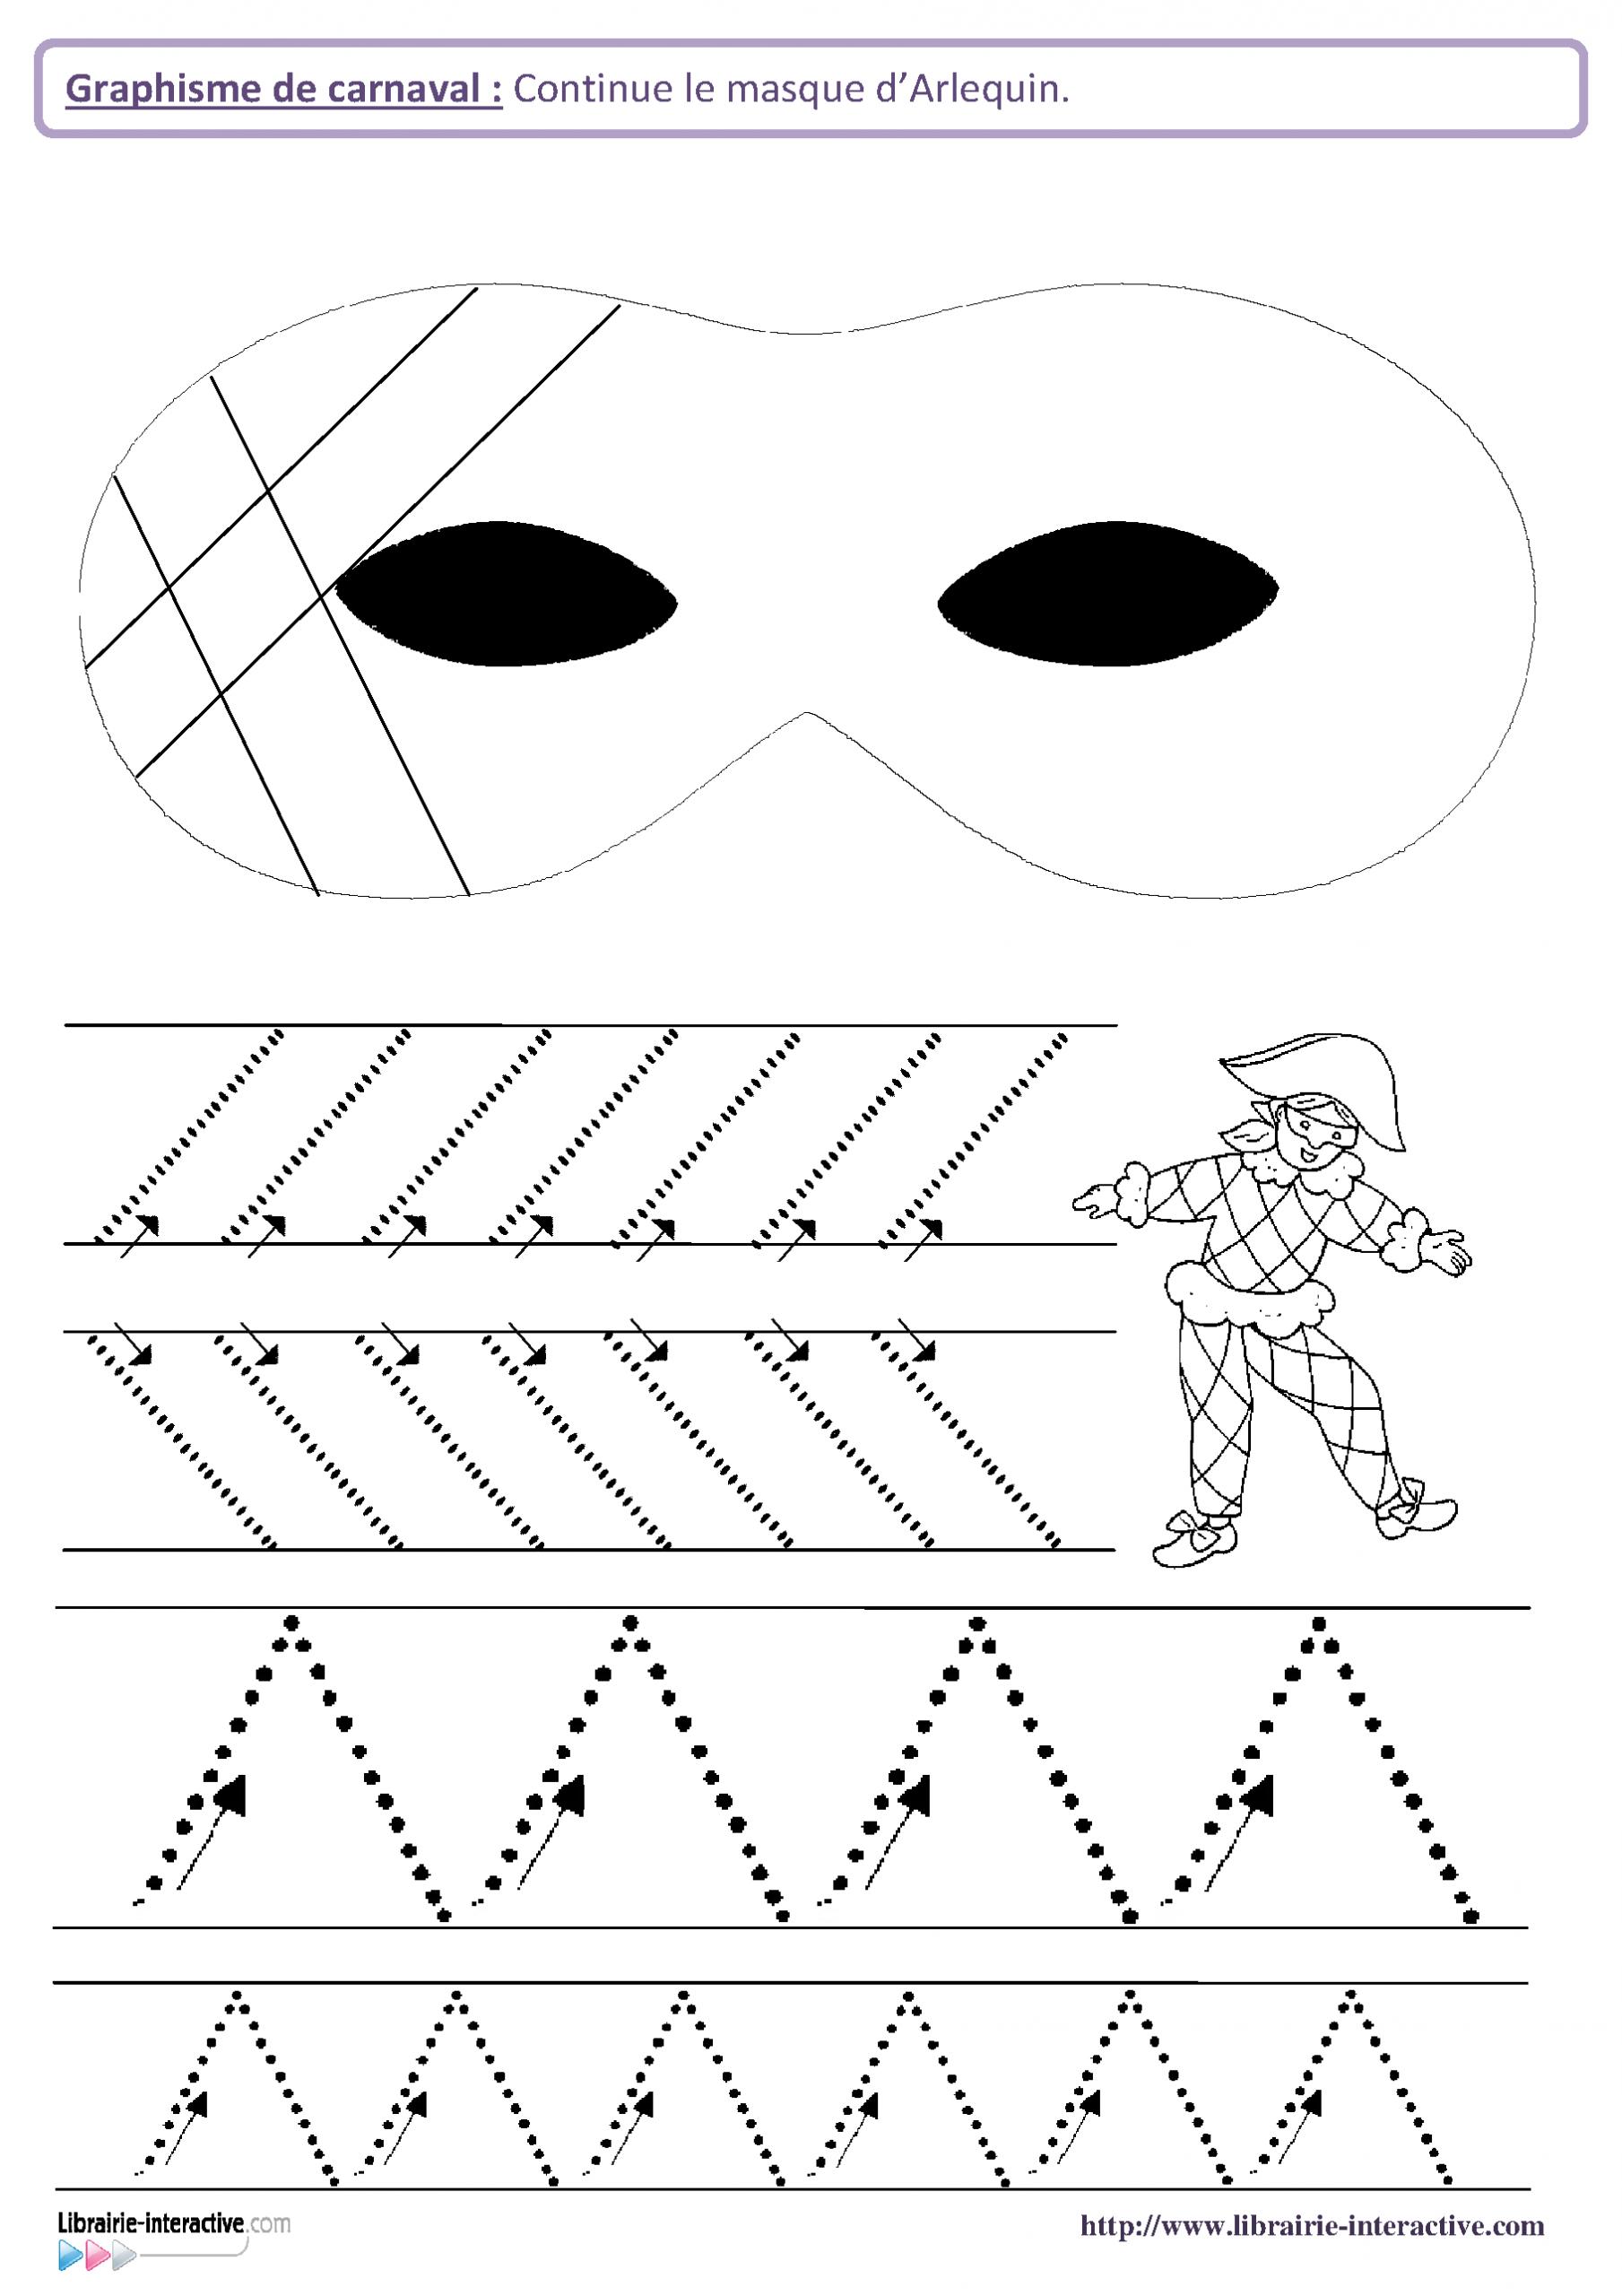 12 Fiches De Graphisme Sur Le Th Me De Carnaval, Pour Les concernant Exercice Grande Section En Ligne